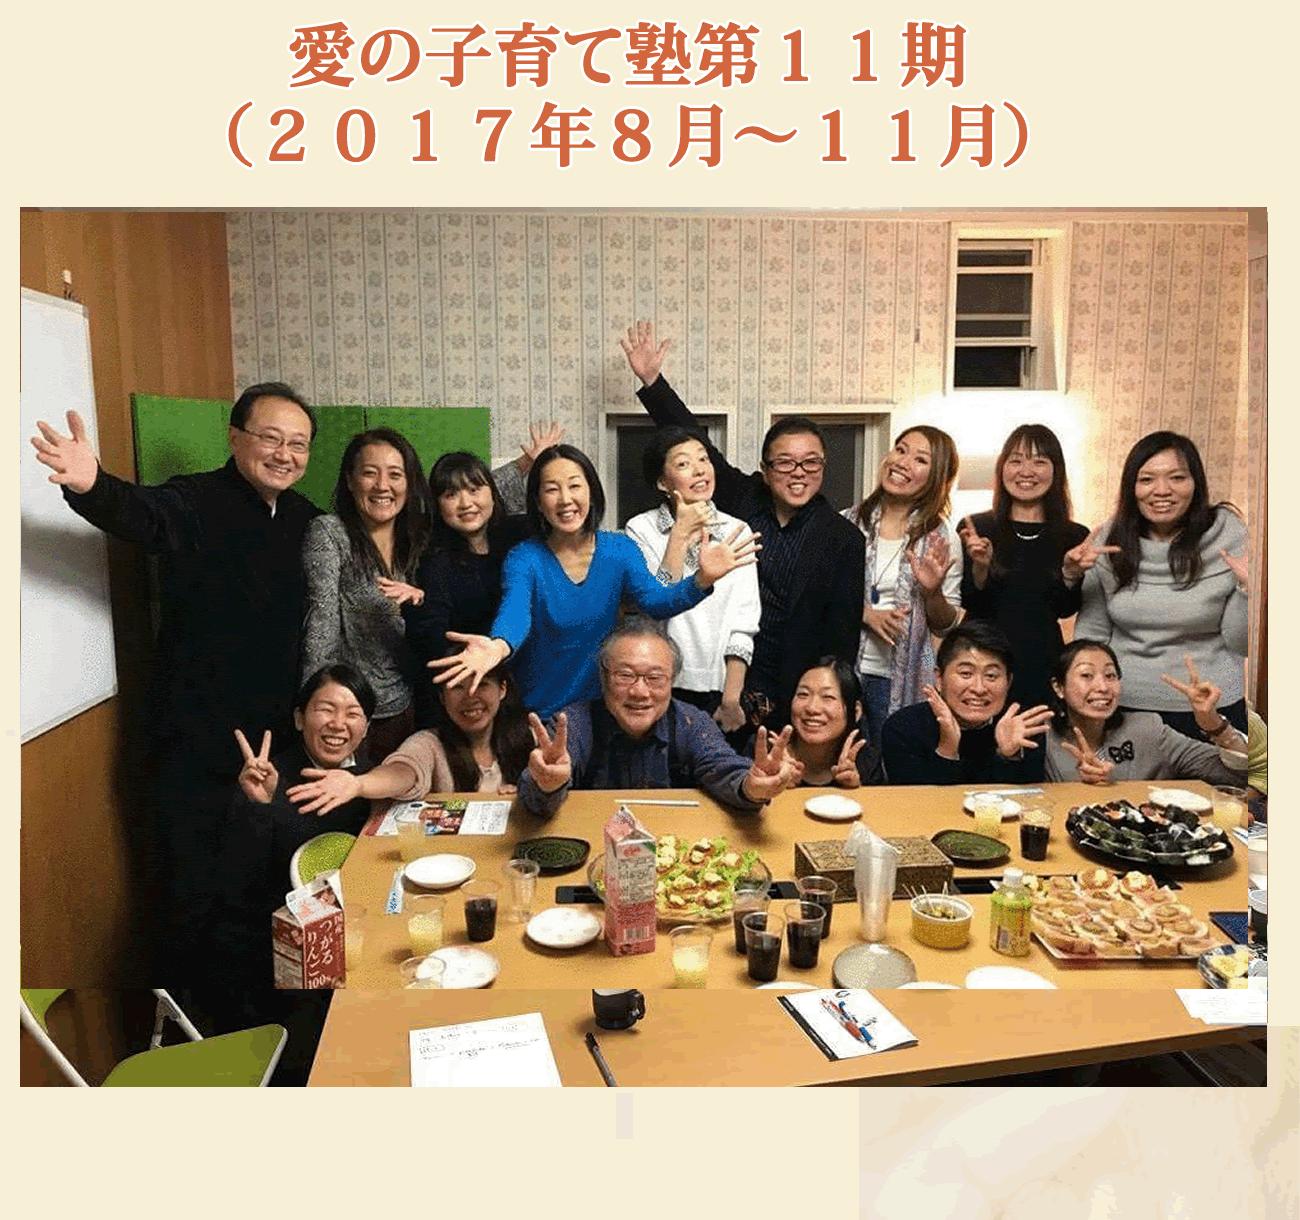 ainokosodadate7891011 - 愛の子育て塾第18期